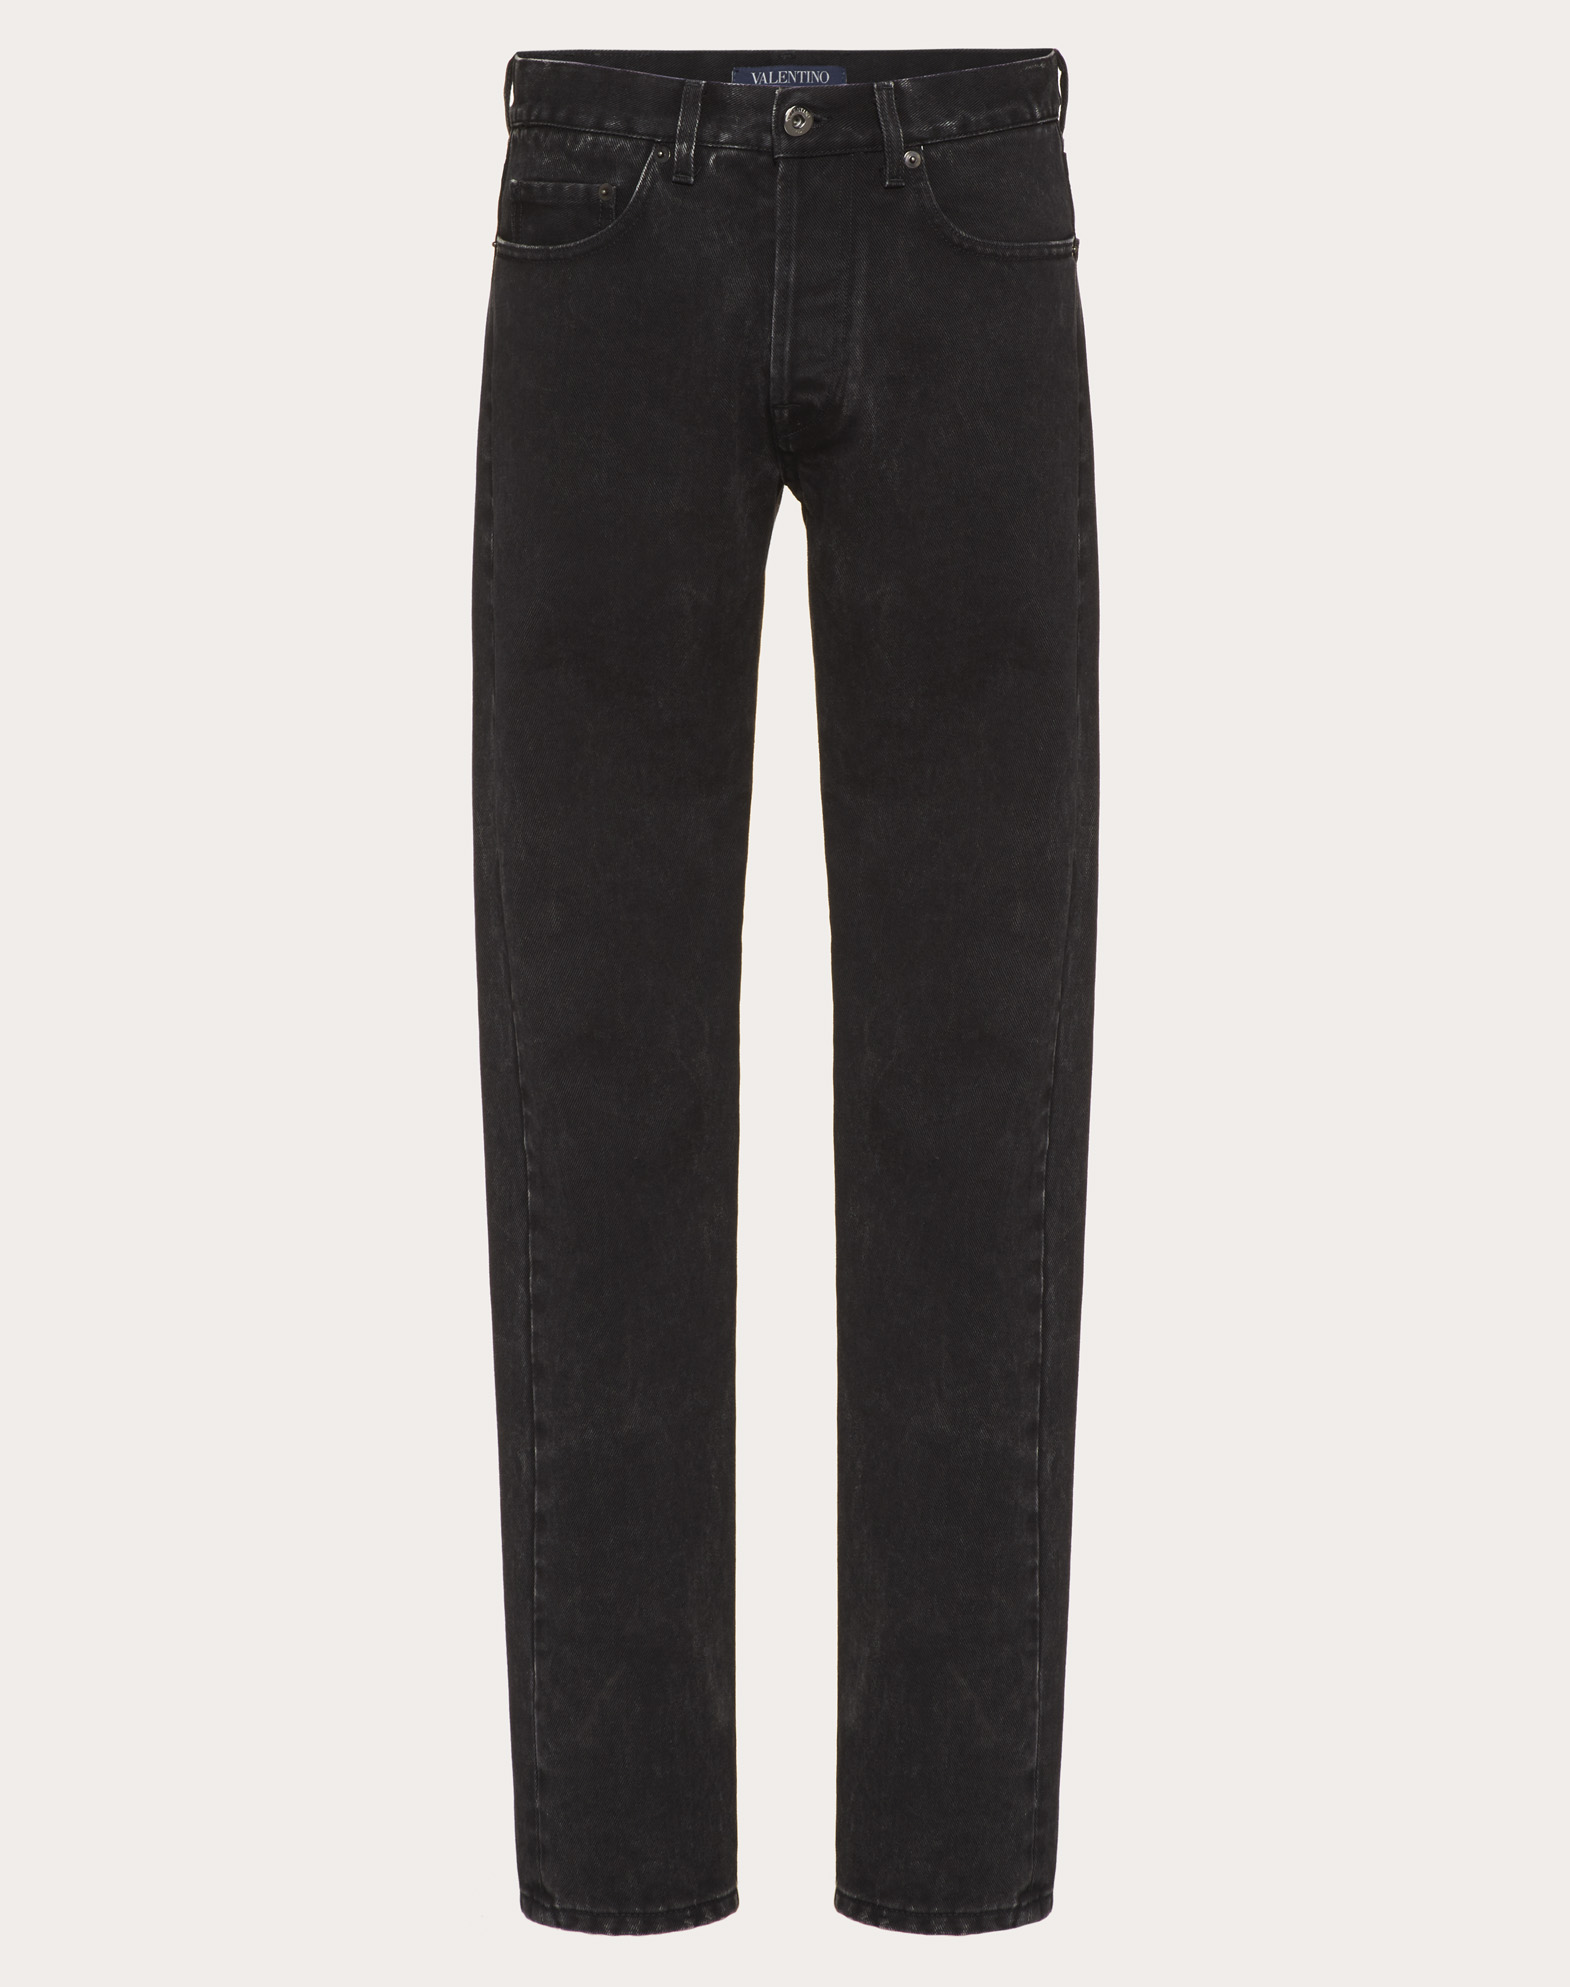 Marble wash 5-pocket jeans